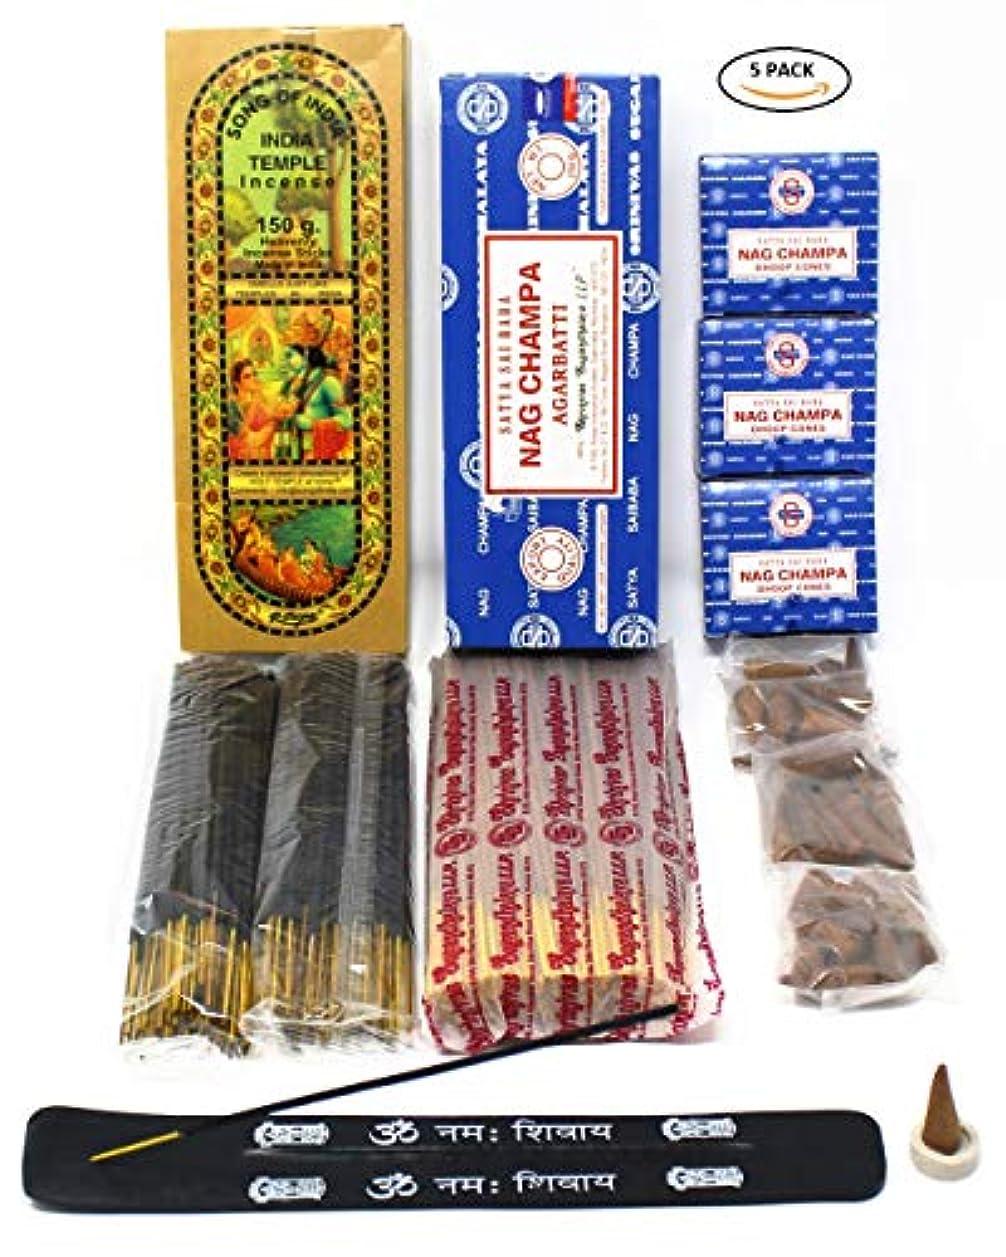 半島熱心な赤面Satya Sai Nag Champa 250gm インド寺院120gm コーン3個 香炉1個